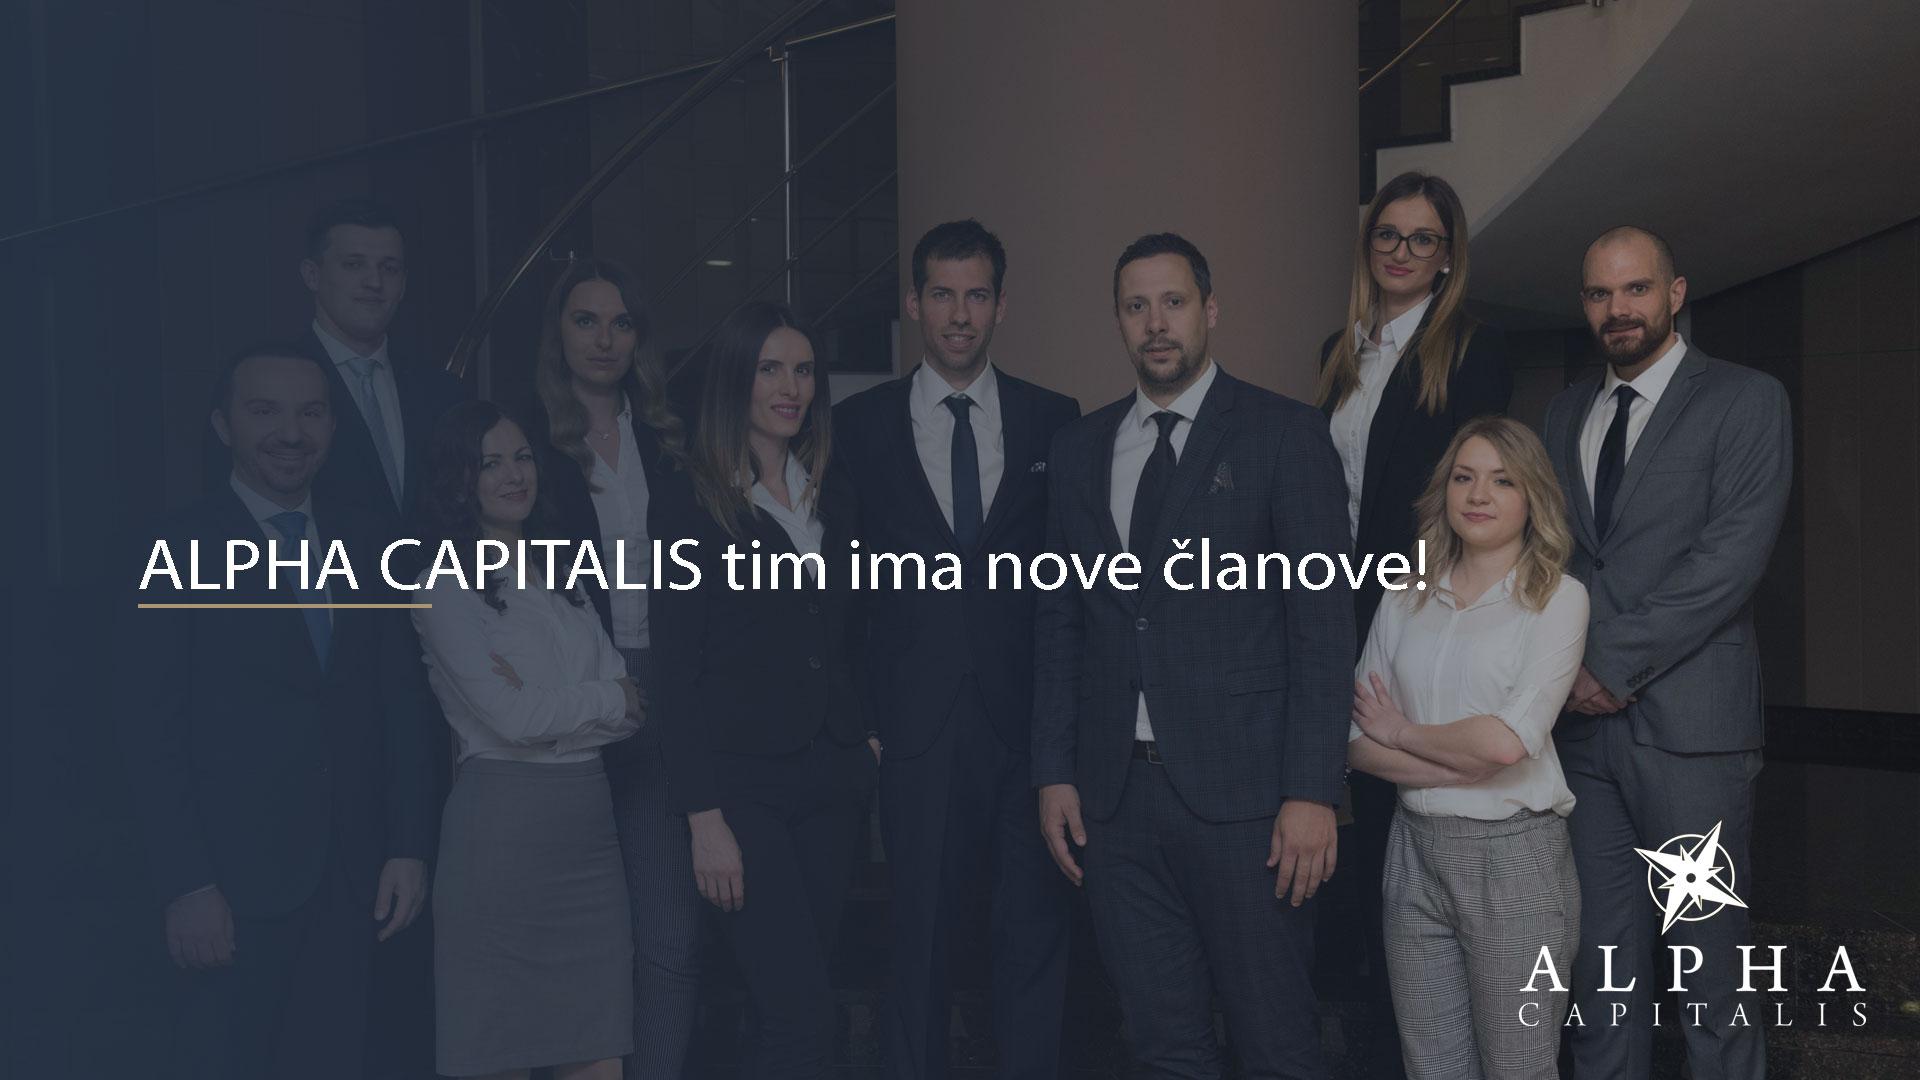 alpha-capitalis-novi-članovi